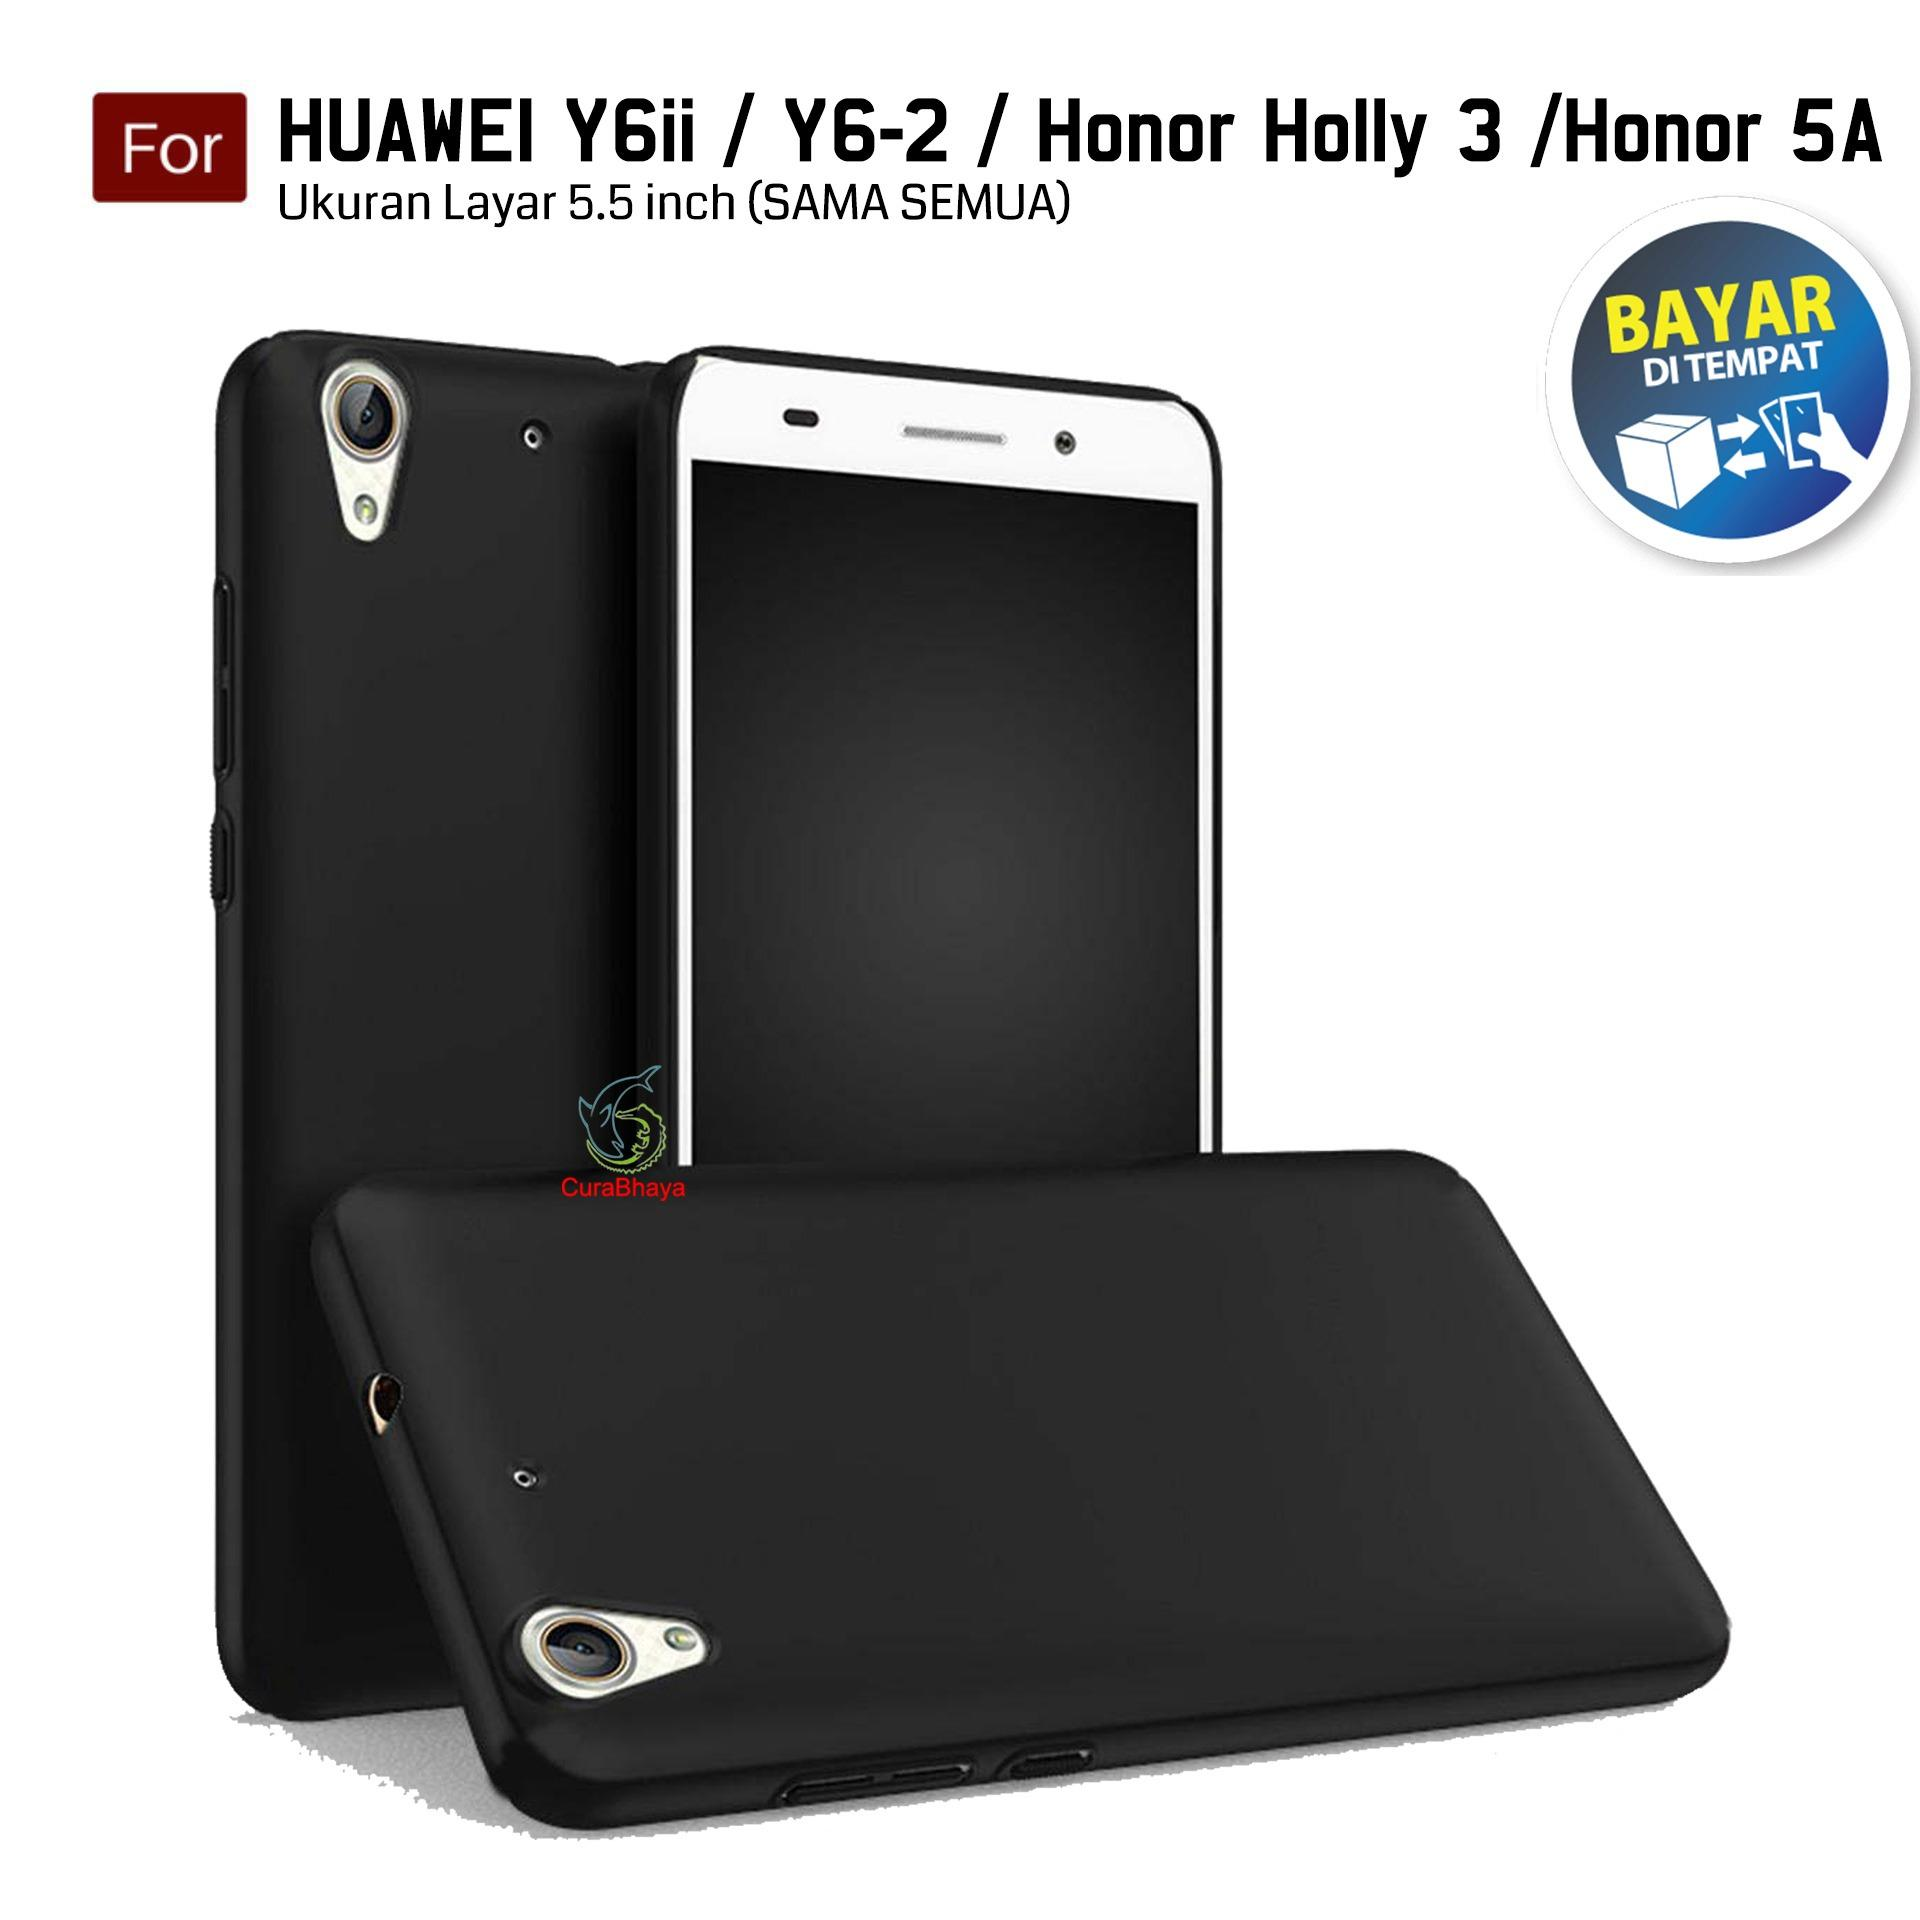 Midnight Huawei Y6ii / Y6 2 / Honor Holly 3 / Honor 5A | Slim Case